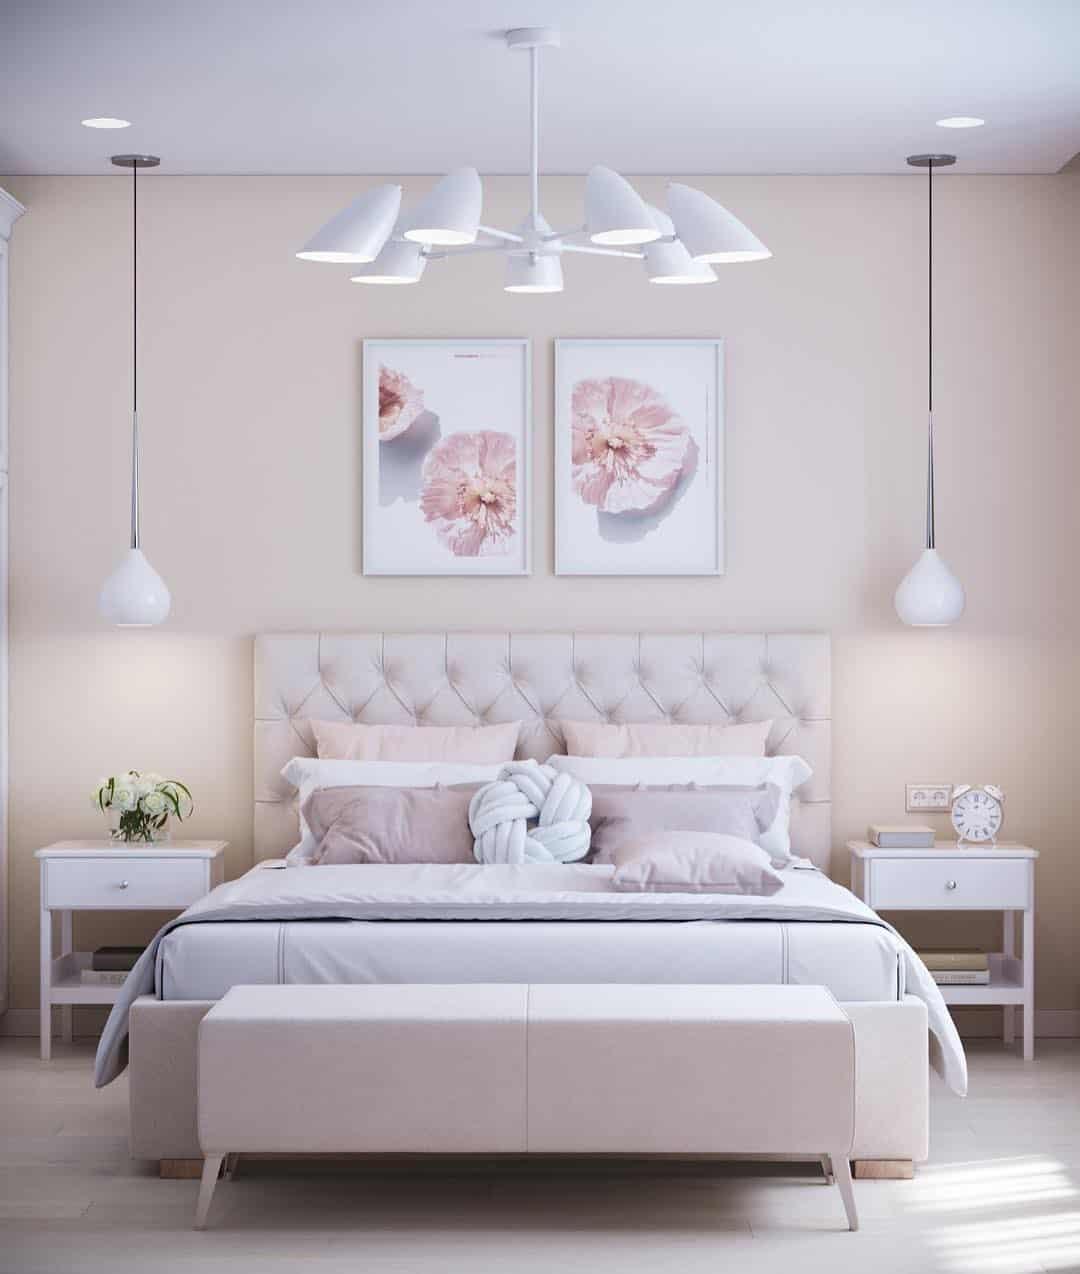 Bedroom Trends 2020: Creative Tips for Bedroom Design ...